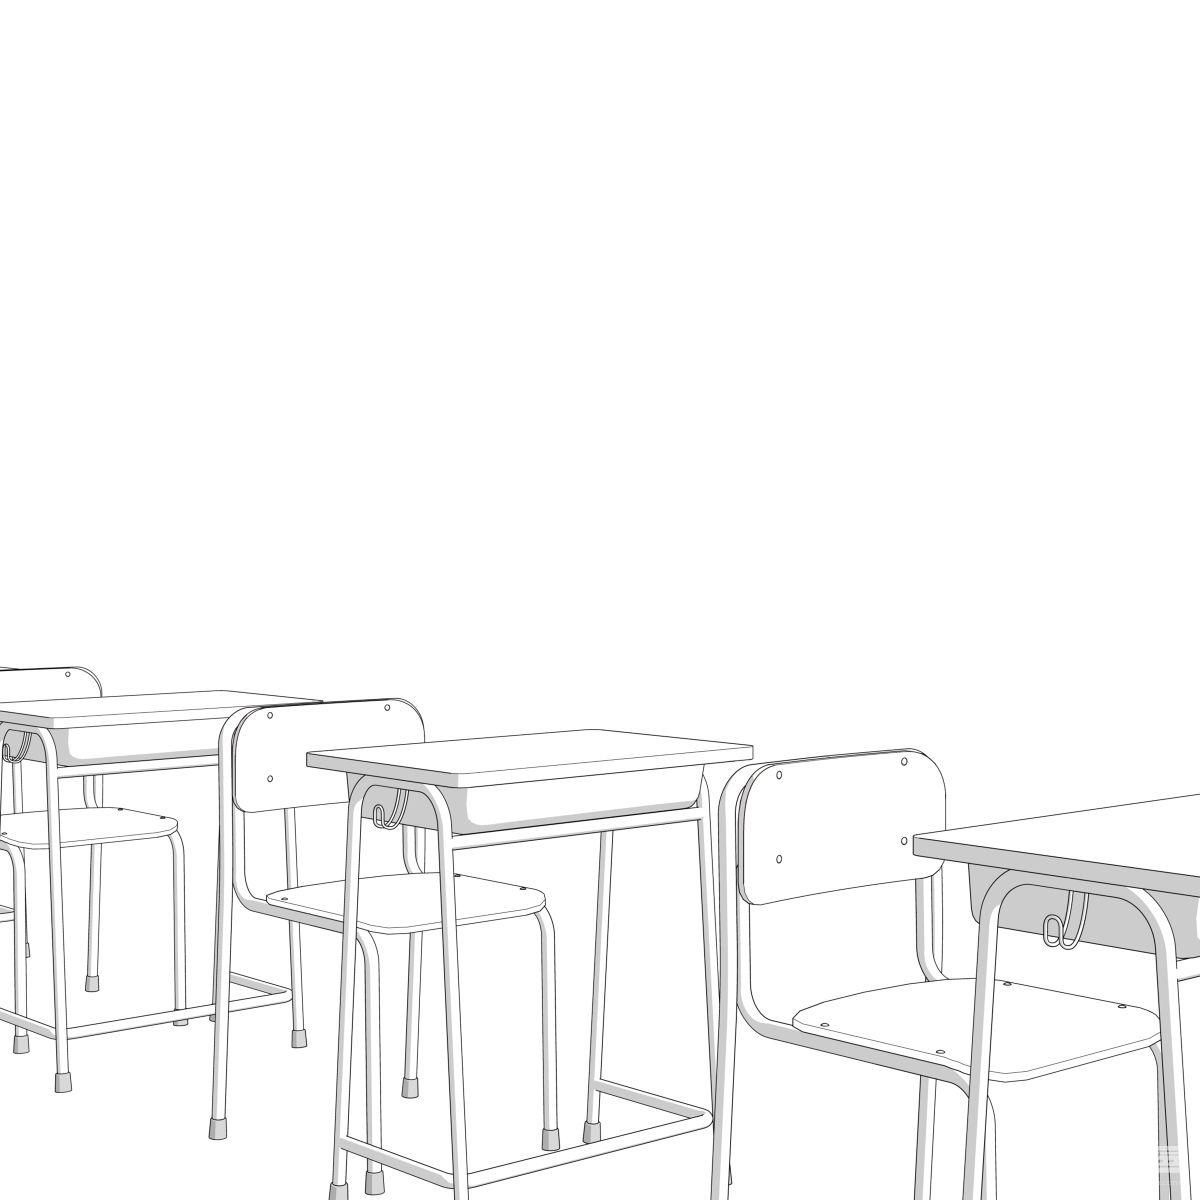 教室背景素材 - 优动漫